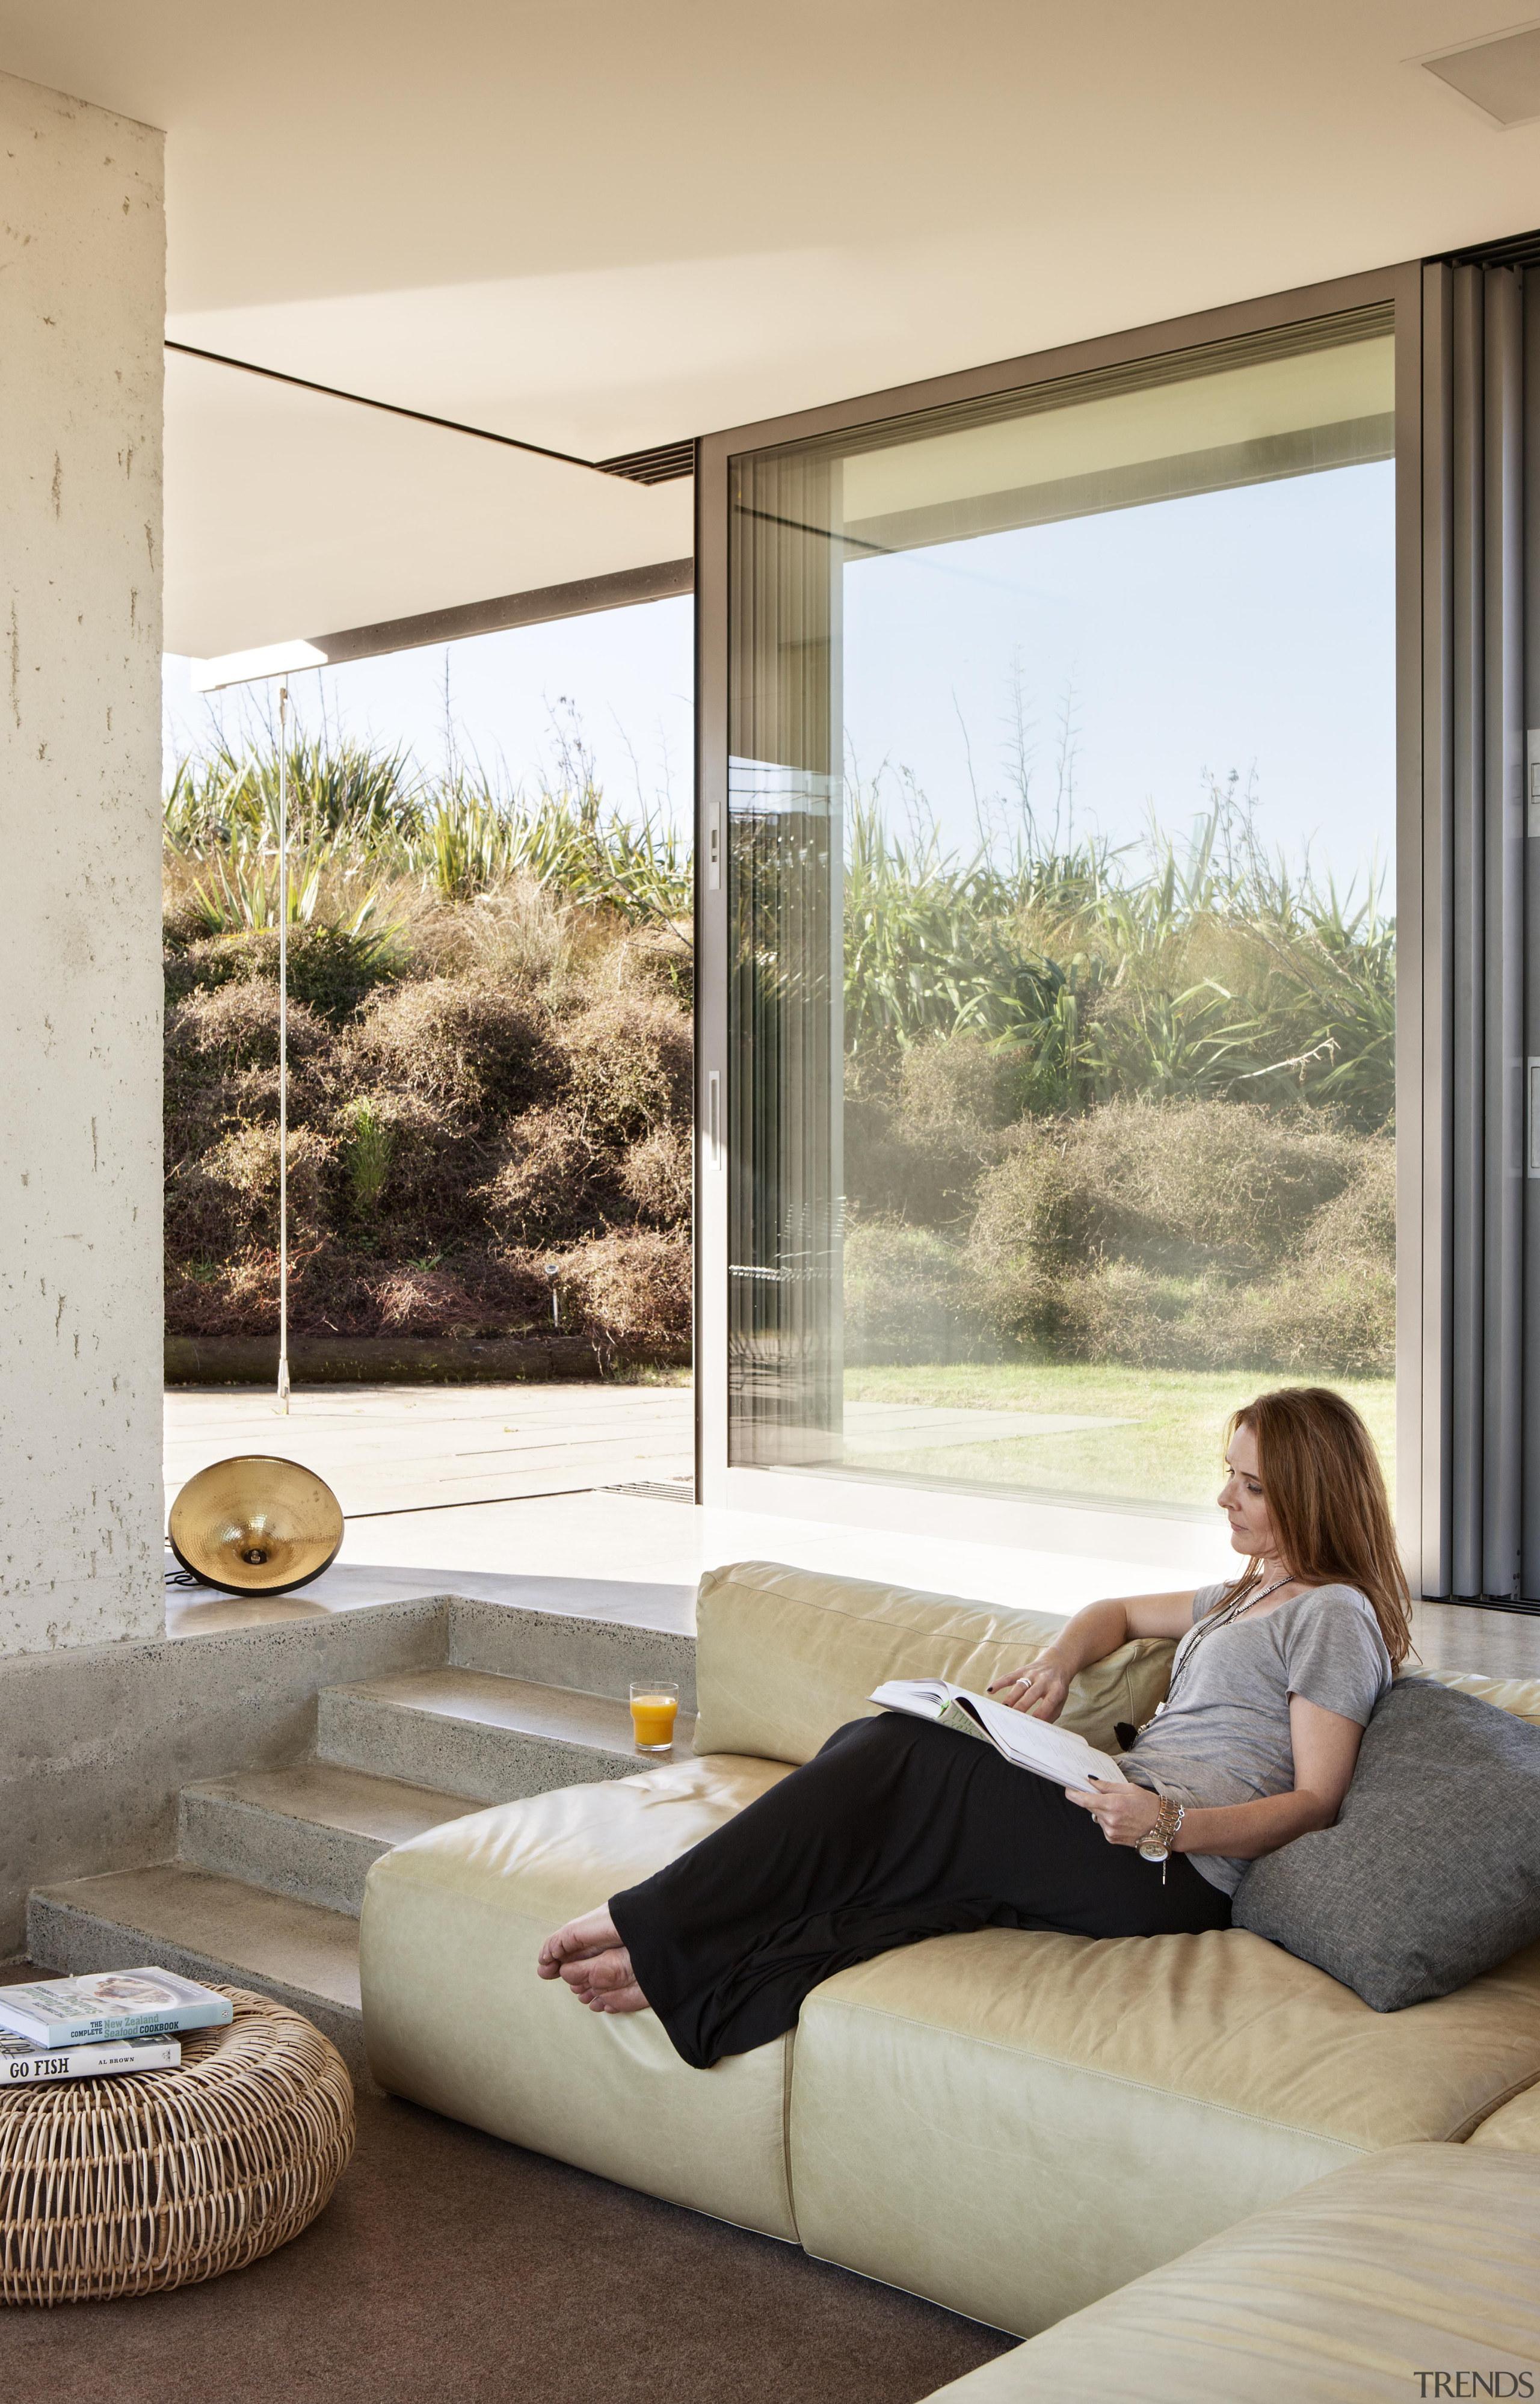 z4099.jpg - door | floor | furniture | door, floor, furniture, home, house, interior design, living room, window, wood, white